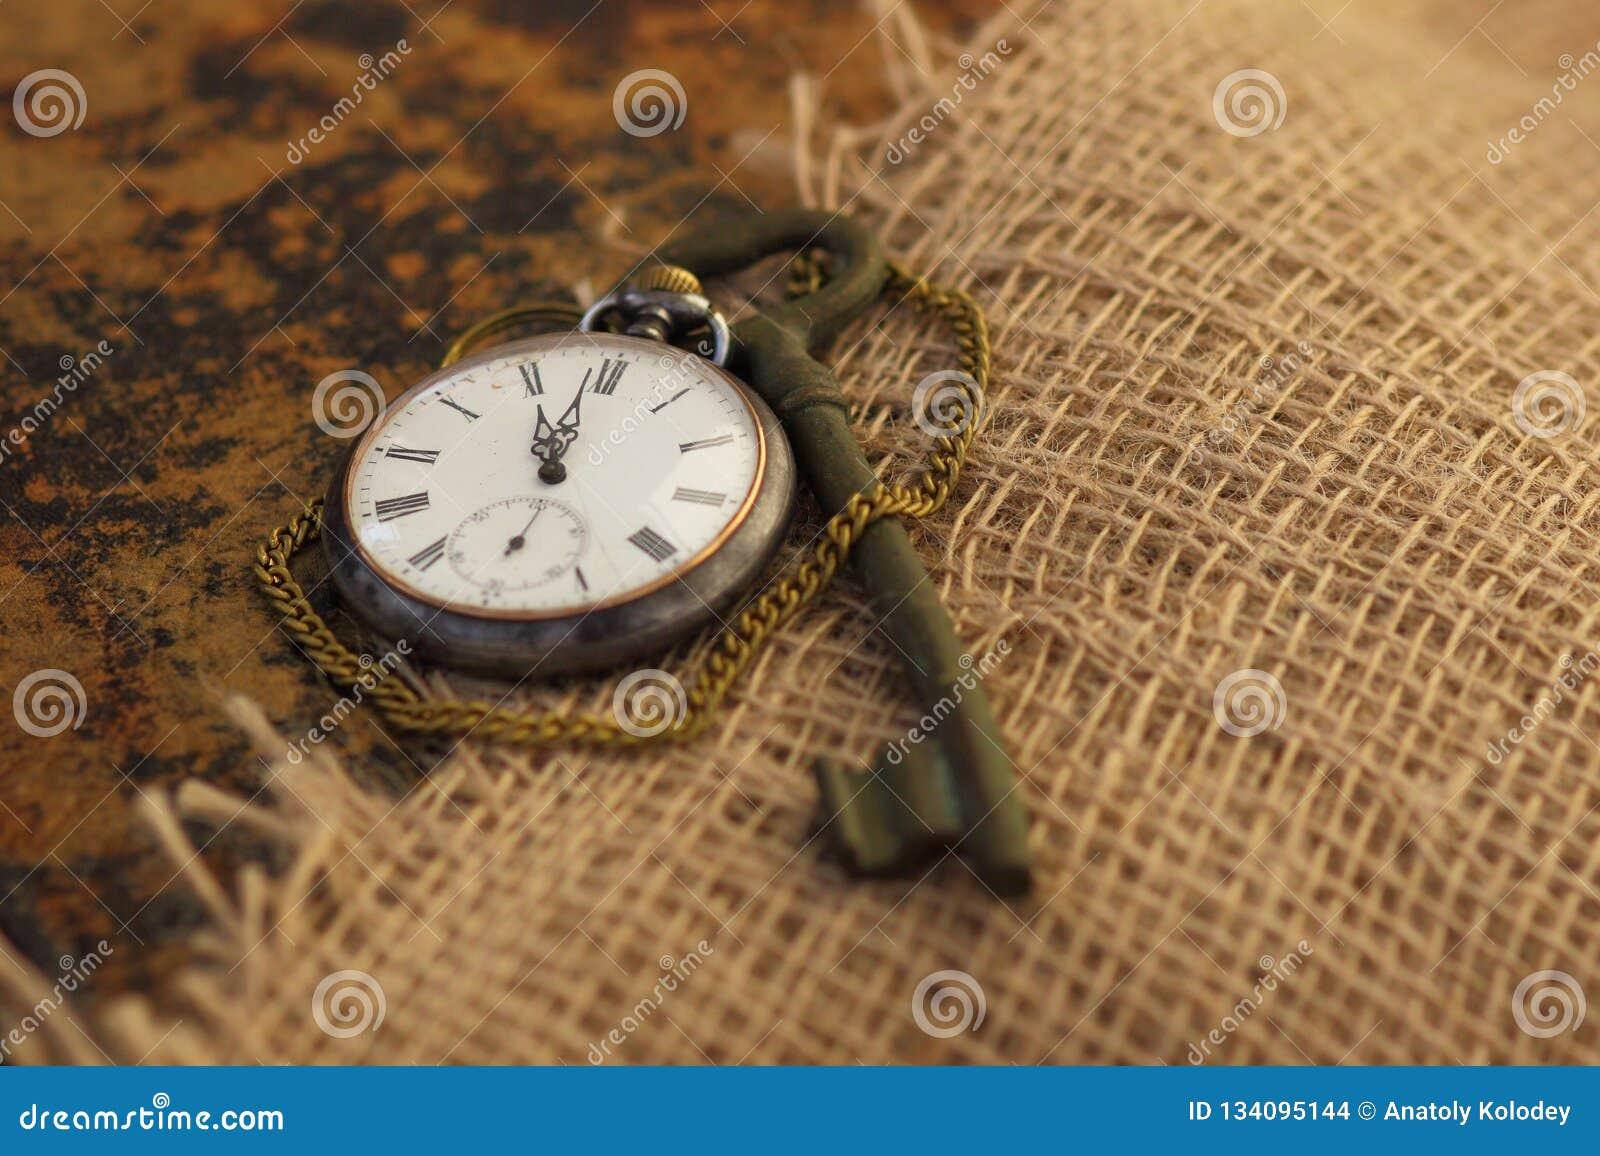 Antyczny kieszeniowy zegarek i klucz na starym folio zakrywającym z starym parciakiem koncepcja przechodzącego razem Wiedzy wiecz